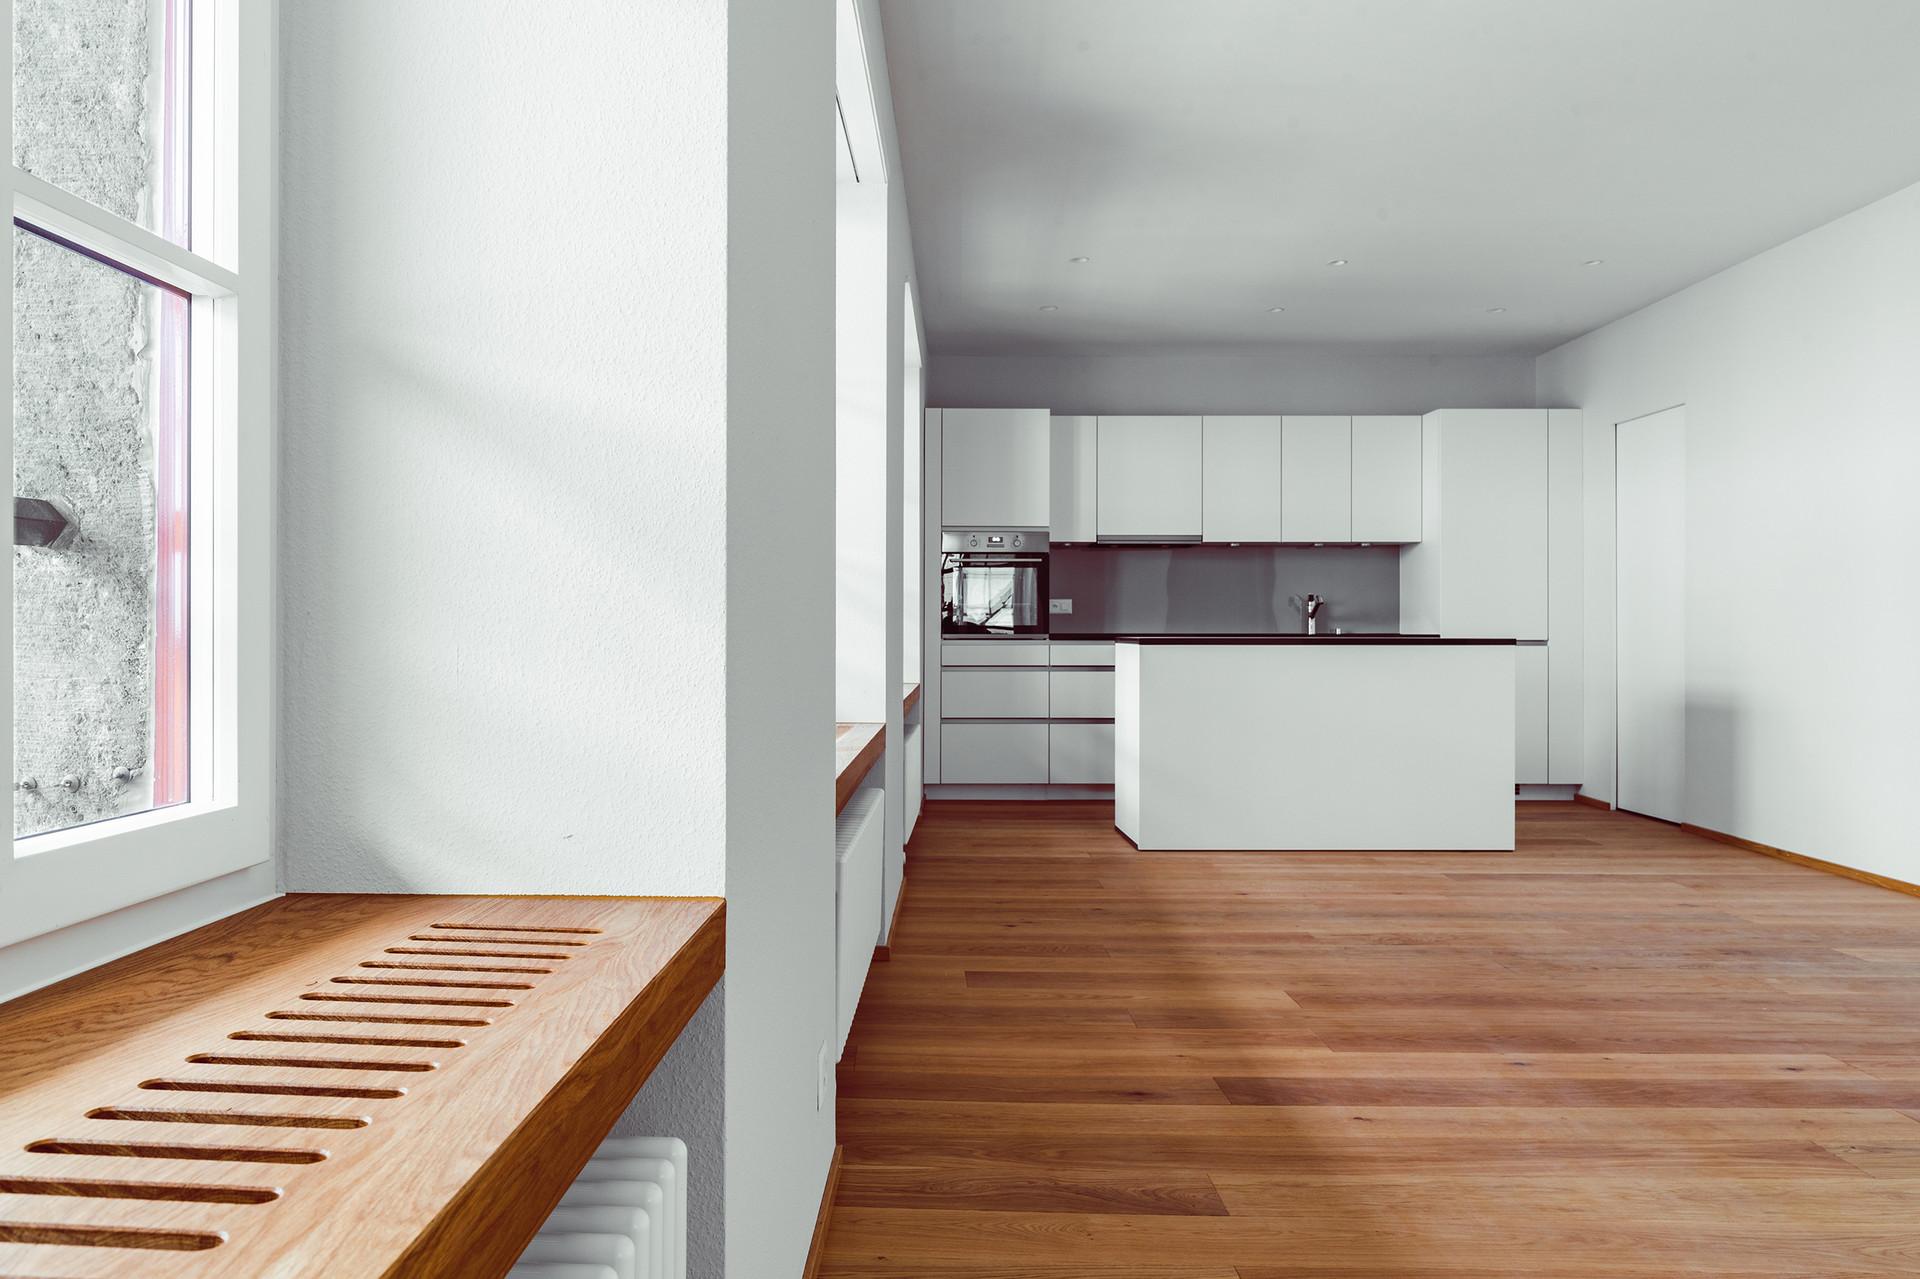 Wohnunge Altstadt Aarau, Küche und Wohnbereich